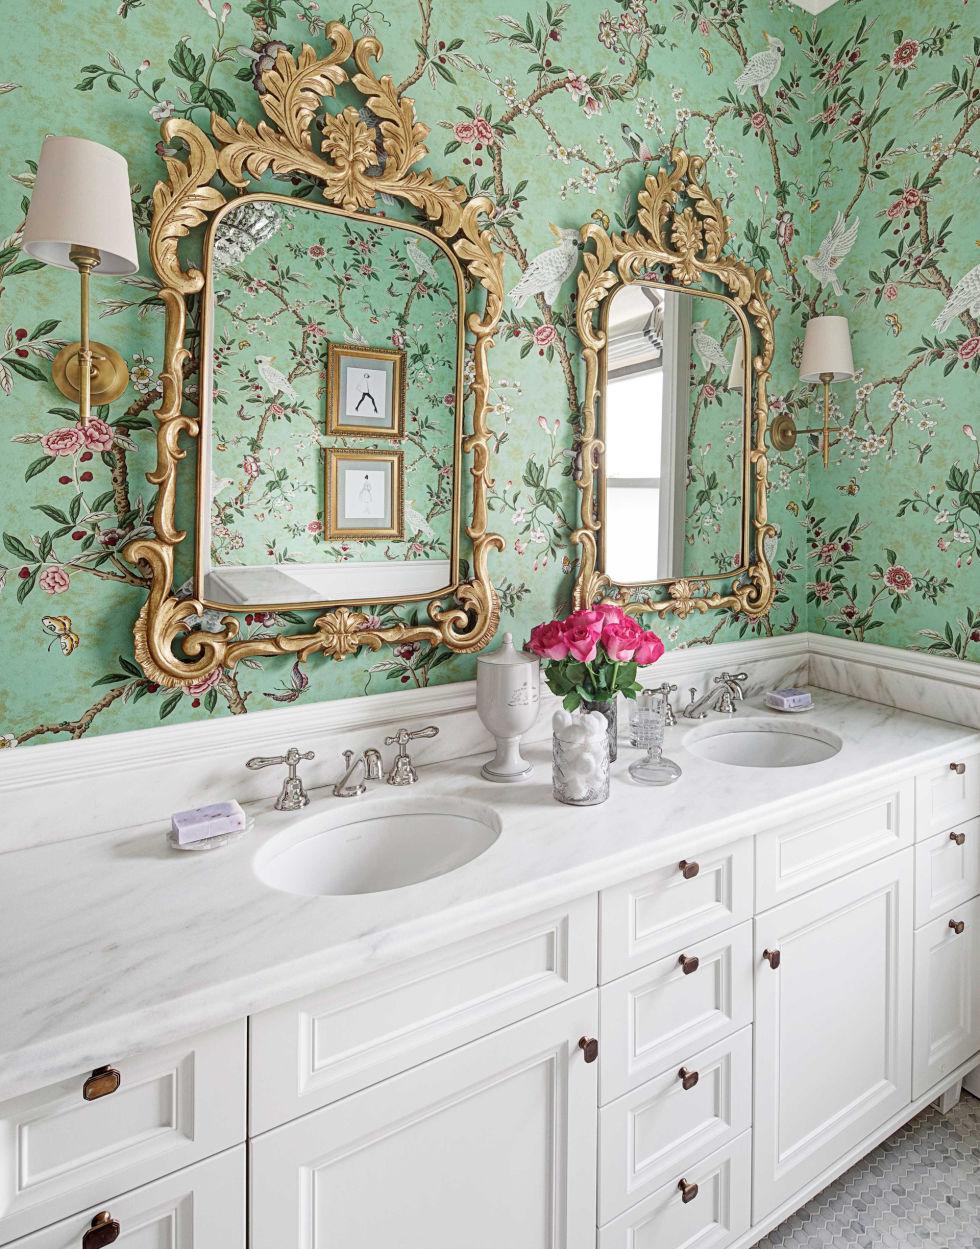 Яркие обои в интерьере ванной